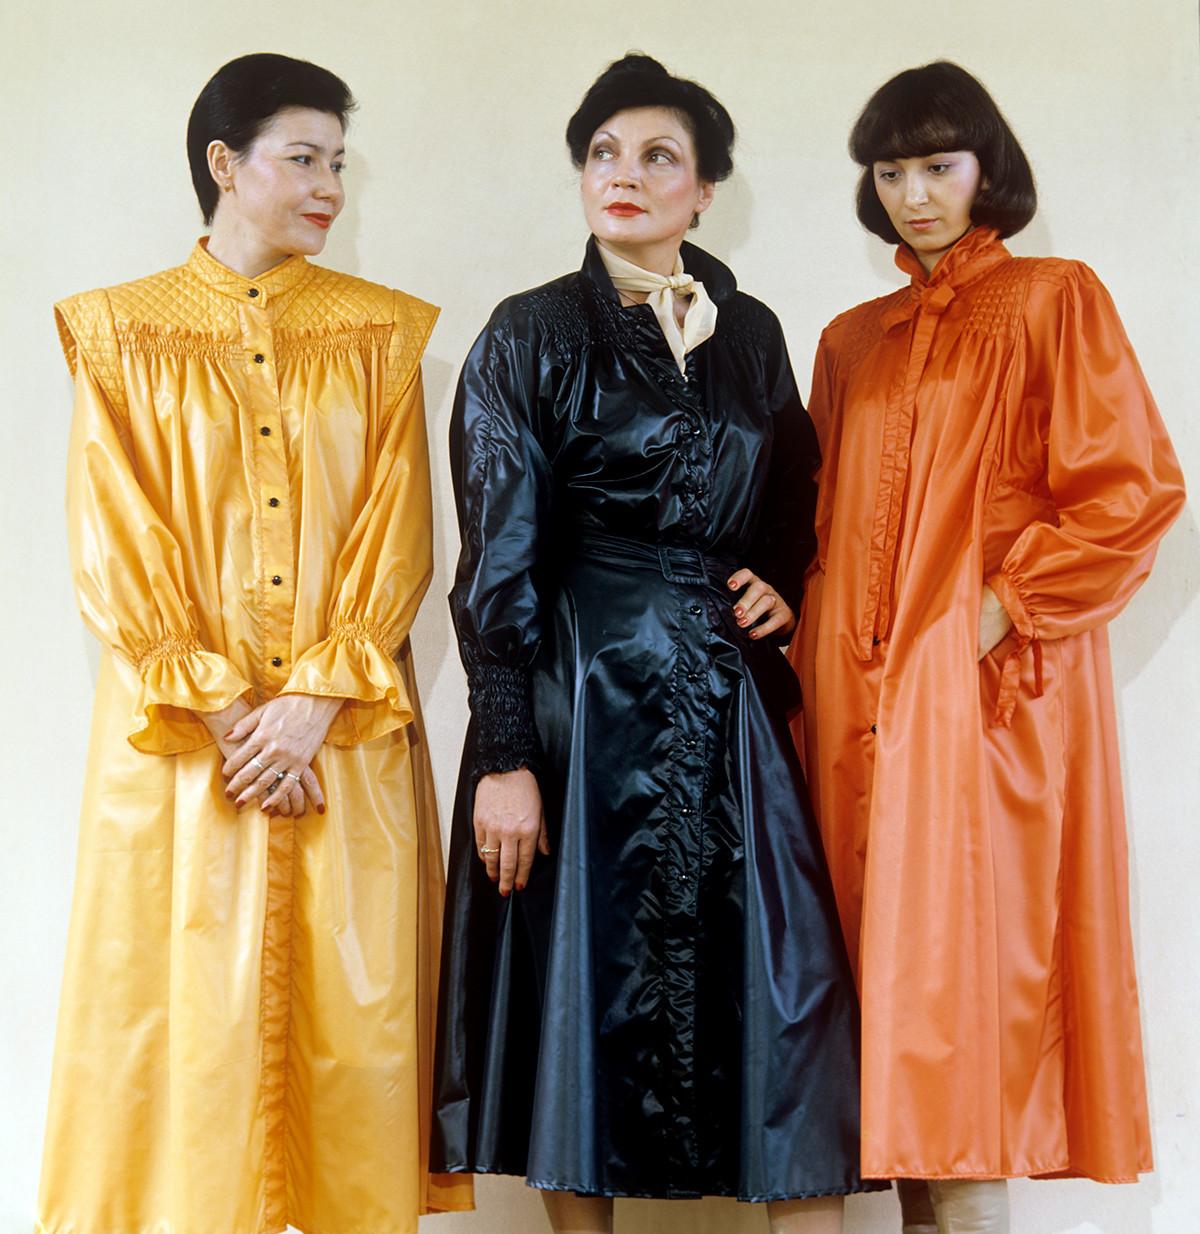 Des modèles soviétiques, 1982